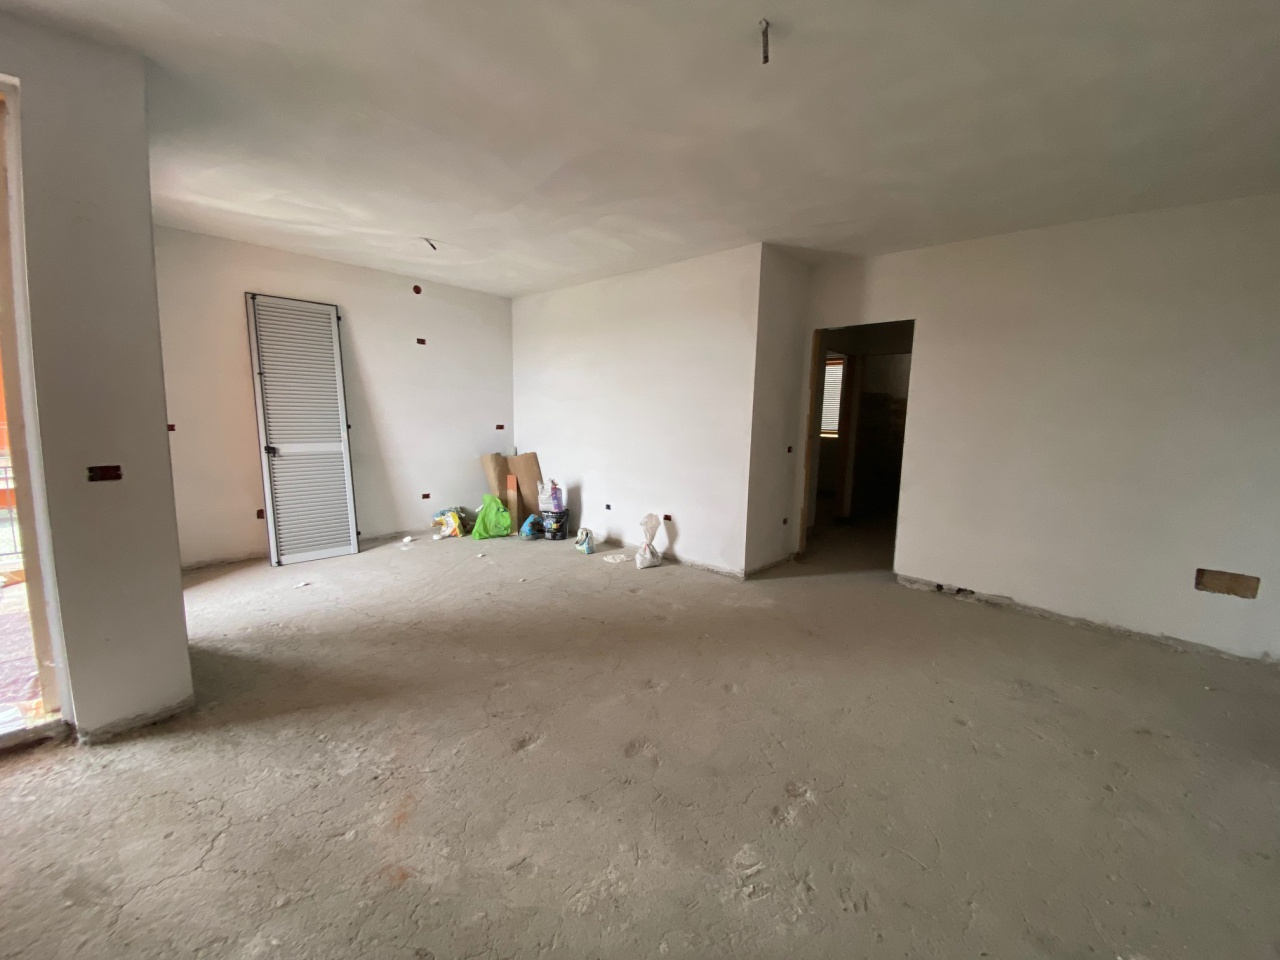 Appartamento in vendita a Rottofreno, 3 locali, prezzo € 195.000 | PortaleAgenzieImmobiliari.it